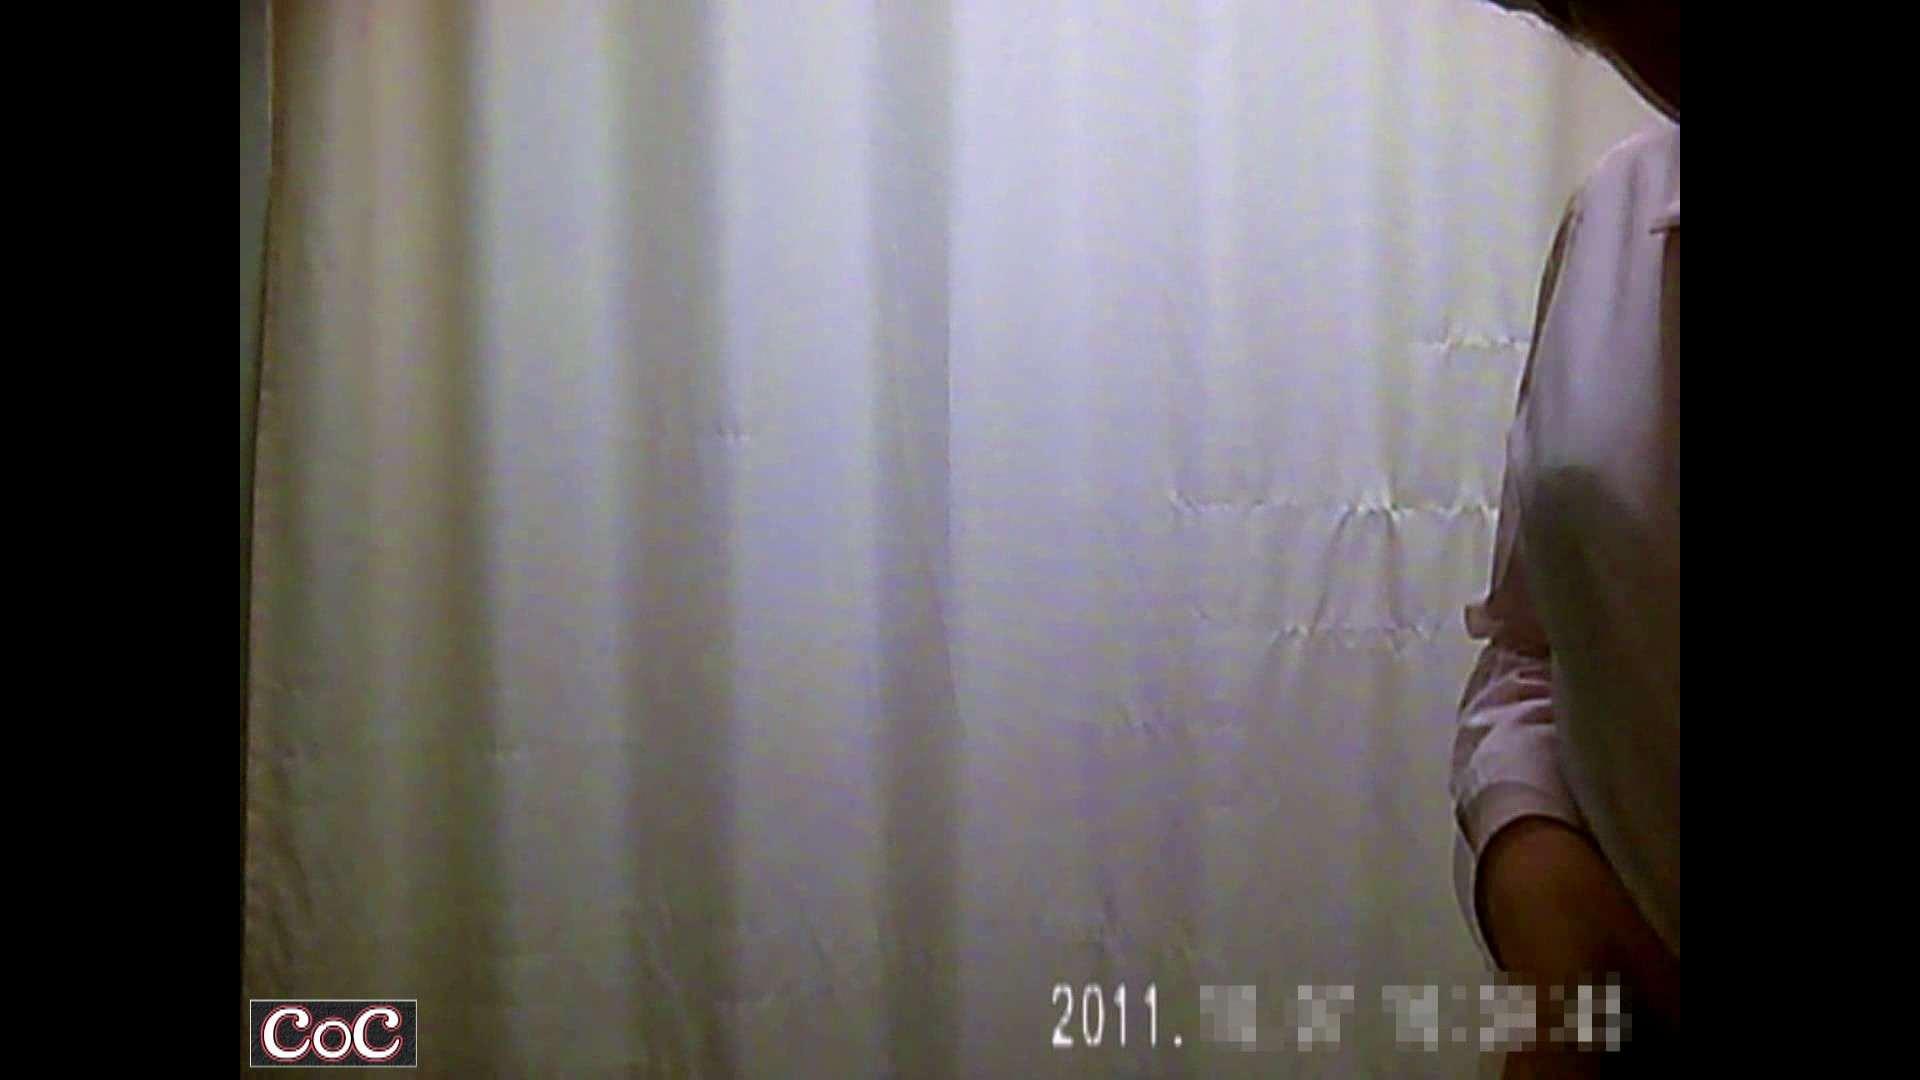 エッチ 熟女|元医者による反抗 更衣室地獄絵巻 vol.243|怪盗ジョーカー